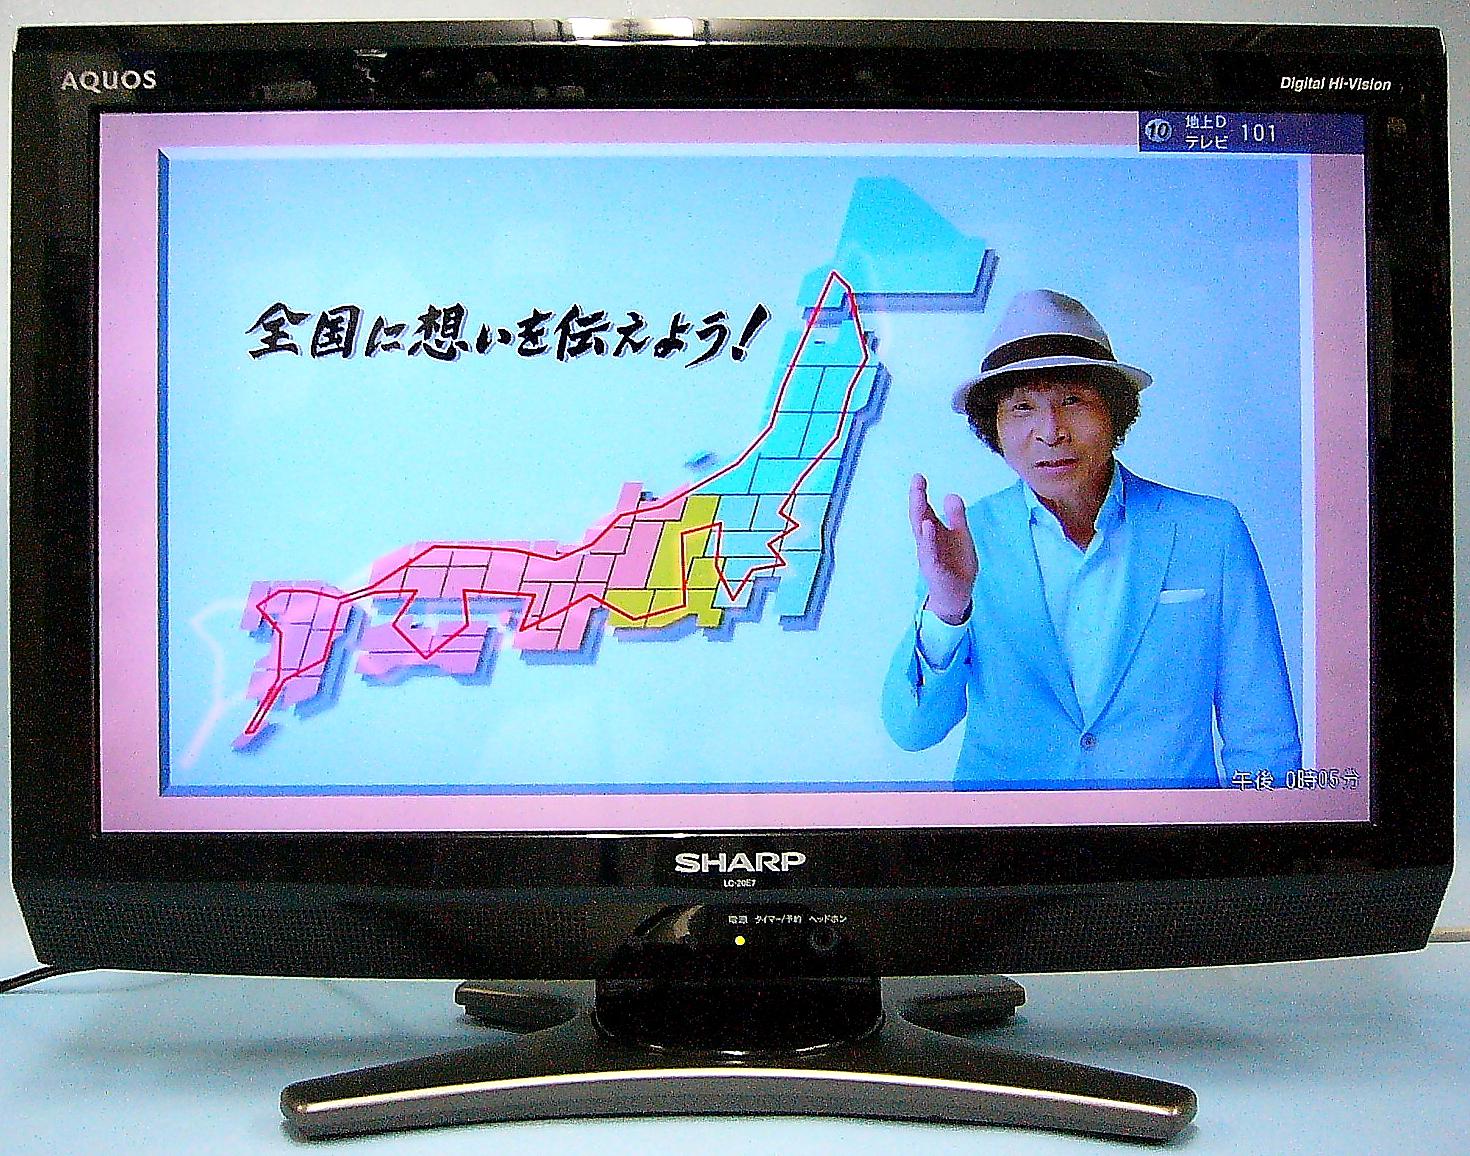 SHARP 液晶テレビ LC-20E7